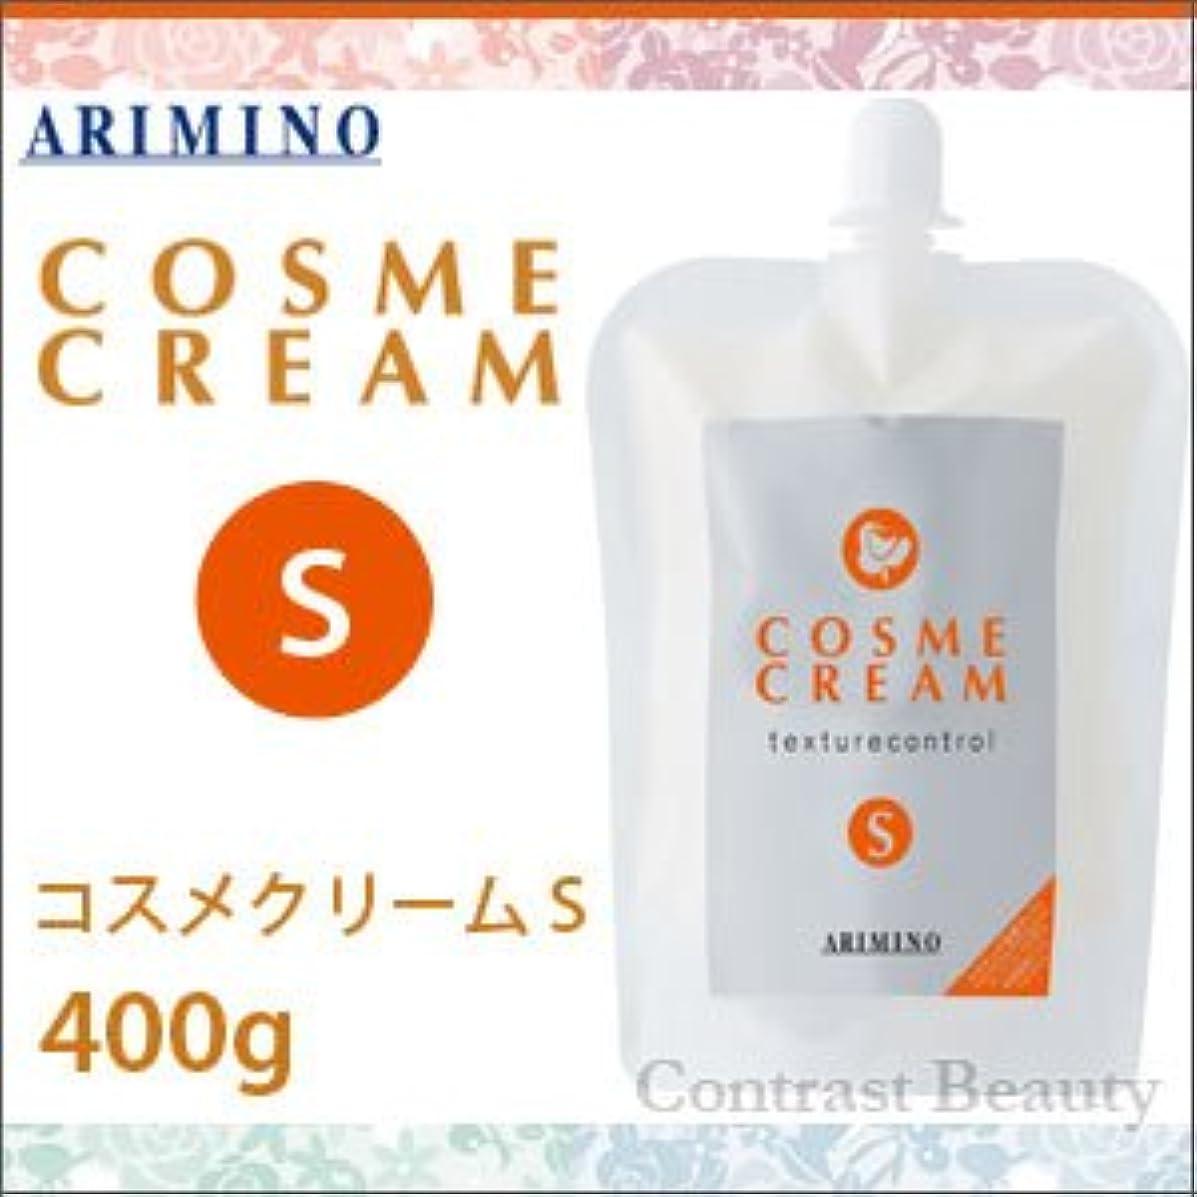 同化現代の種類アリミノ コスメクリーム S 400g